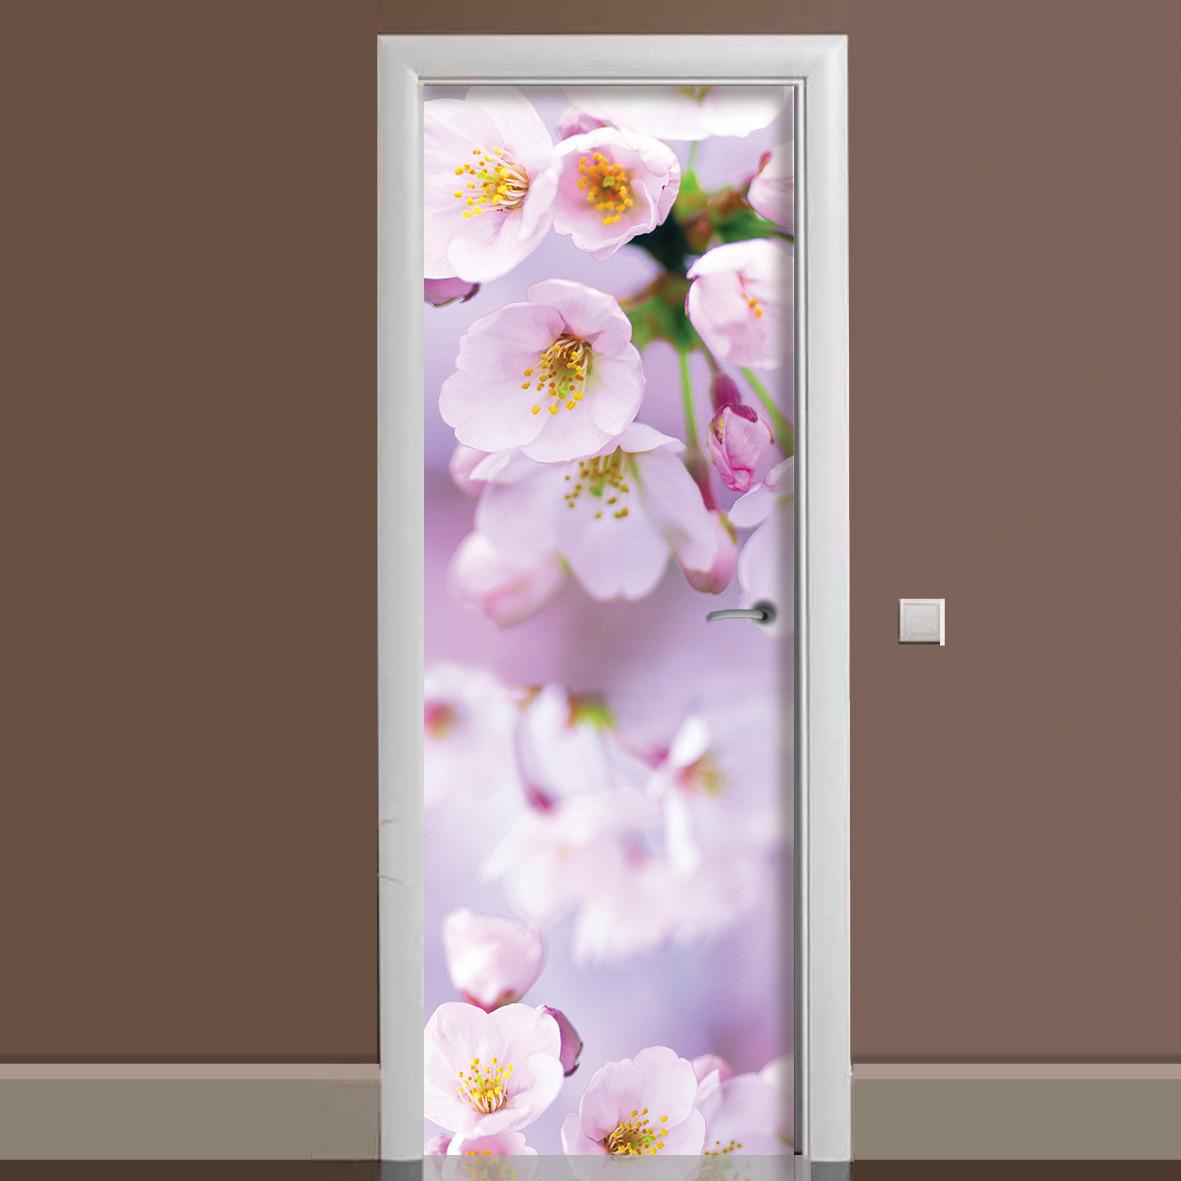 Виниловая наклейка на дверь Цветы яблони ламинированная двойная (пленка розовые цветы весна макро вишни)